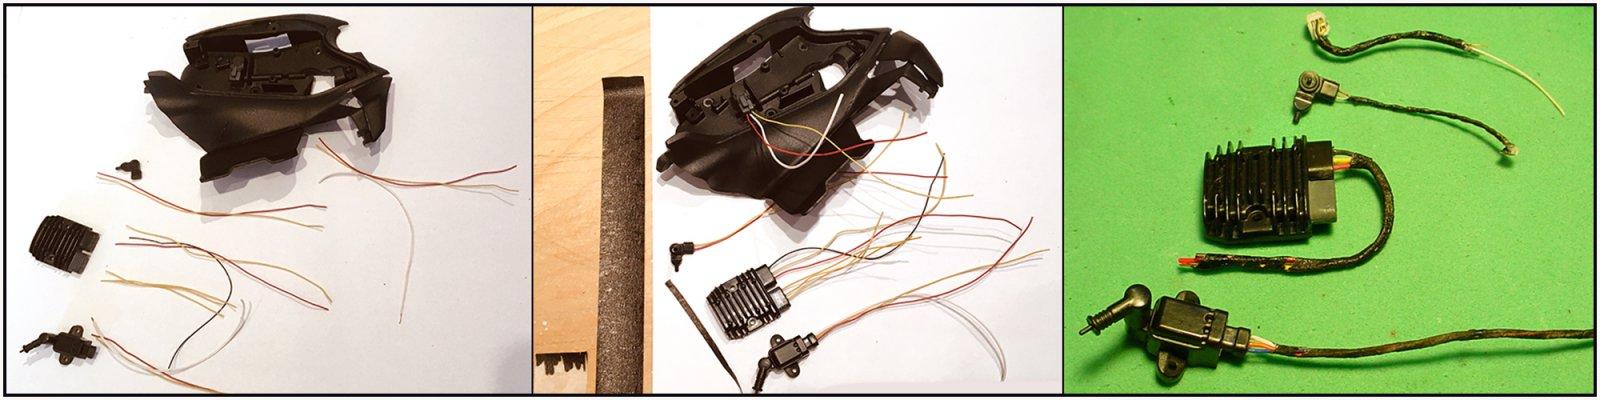 239 Wires.jpg